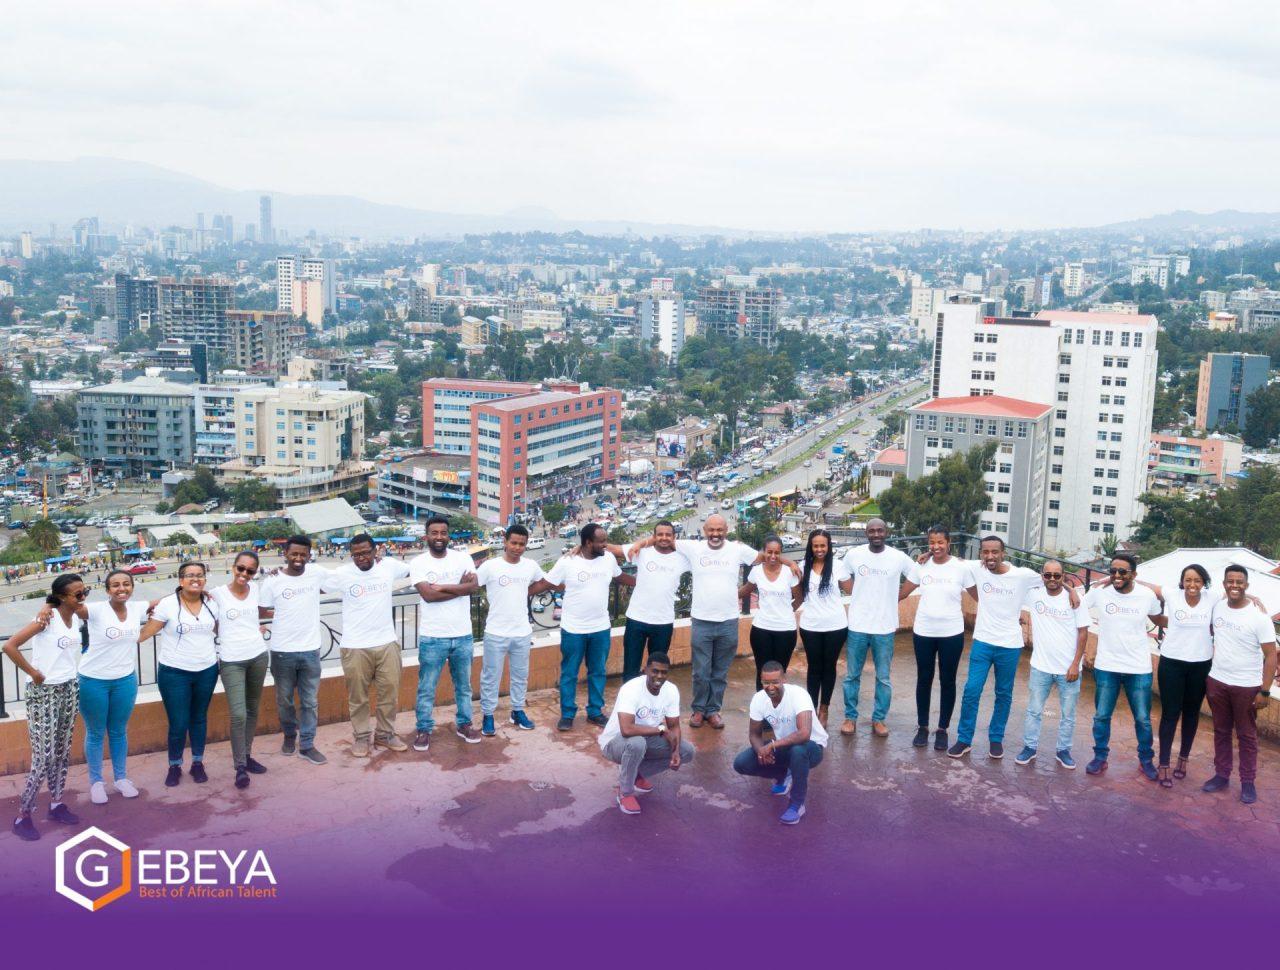 Gebeya Inc. Team